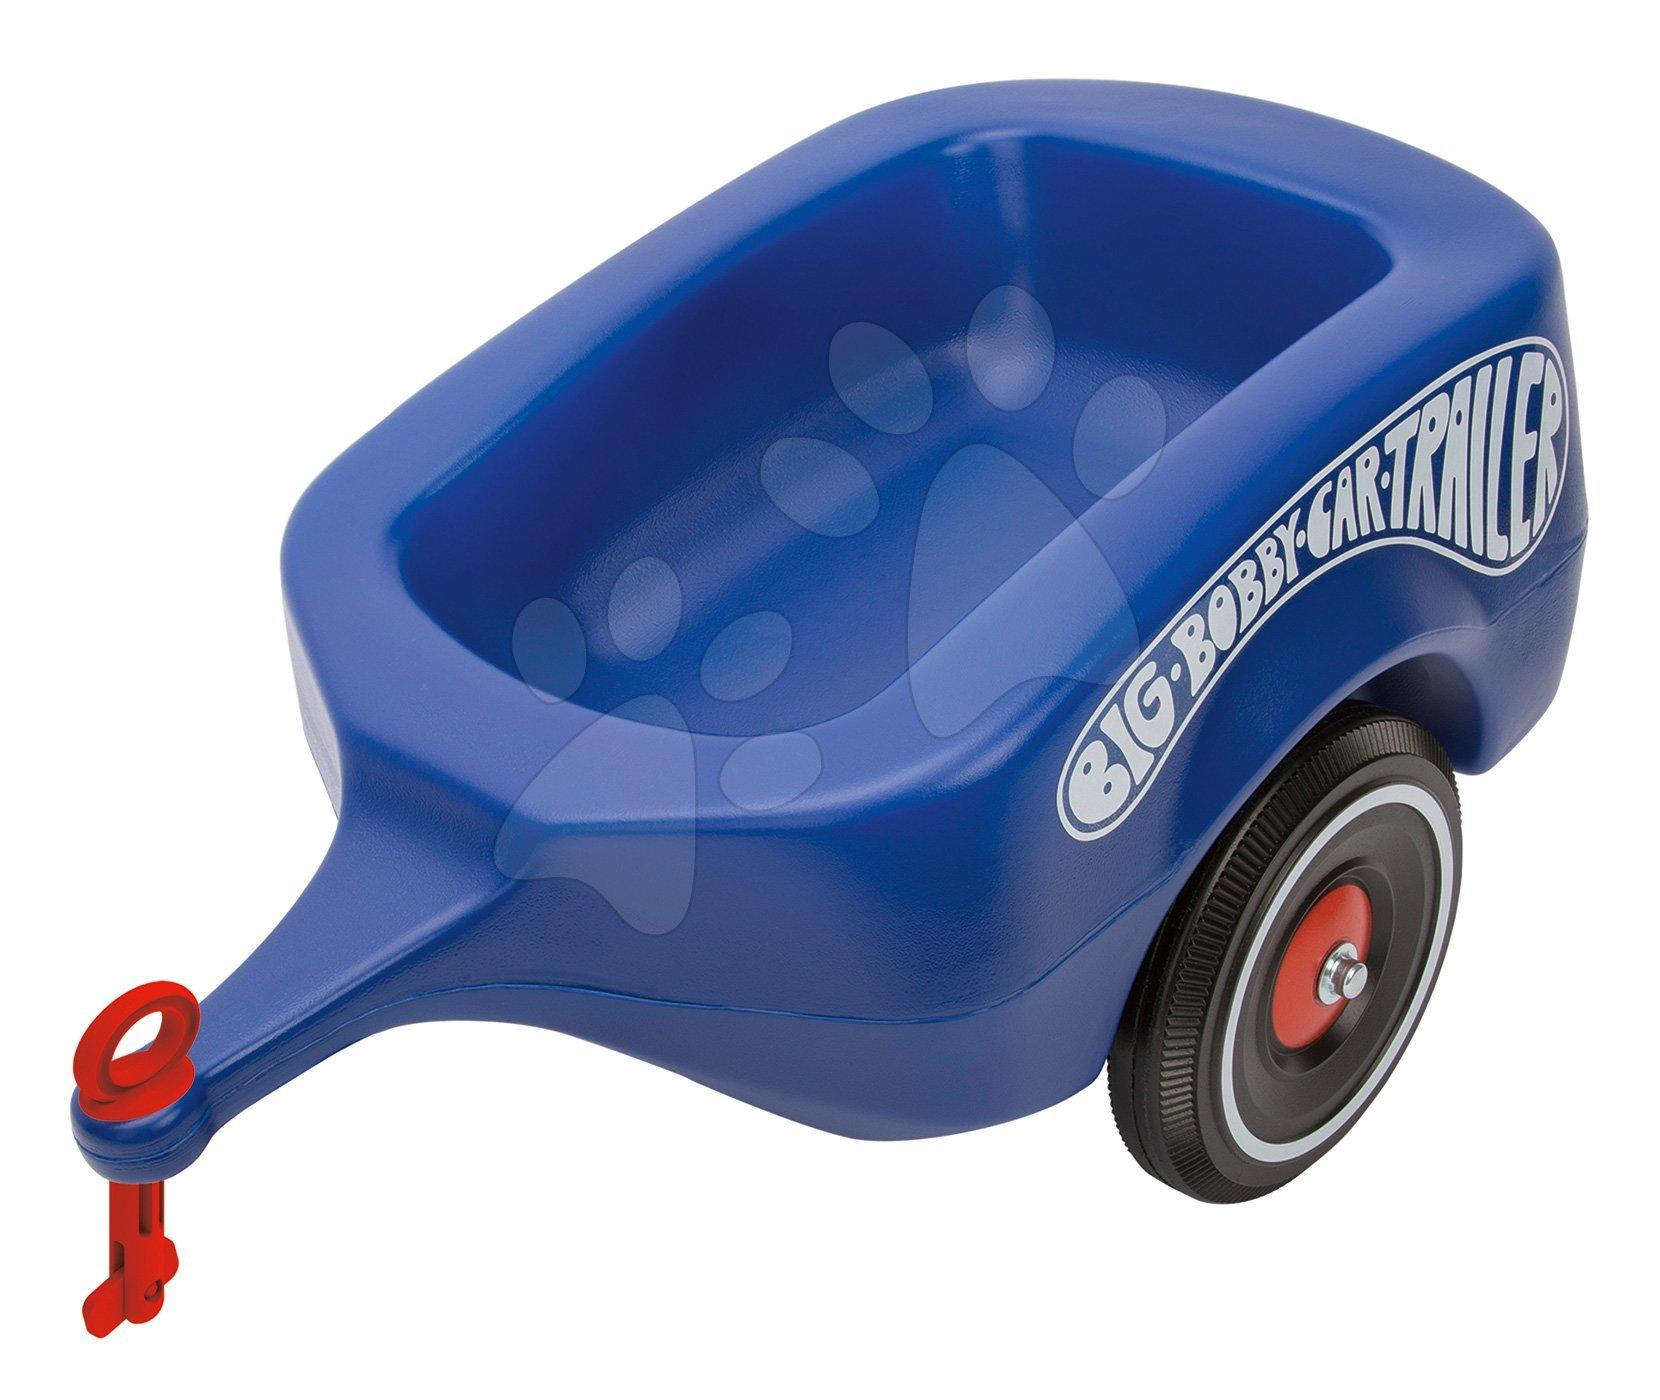 BIG prívesný vozík k odrážadlám 56277